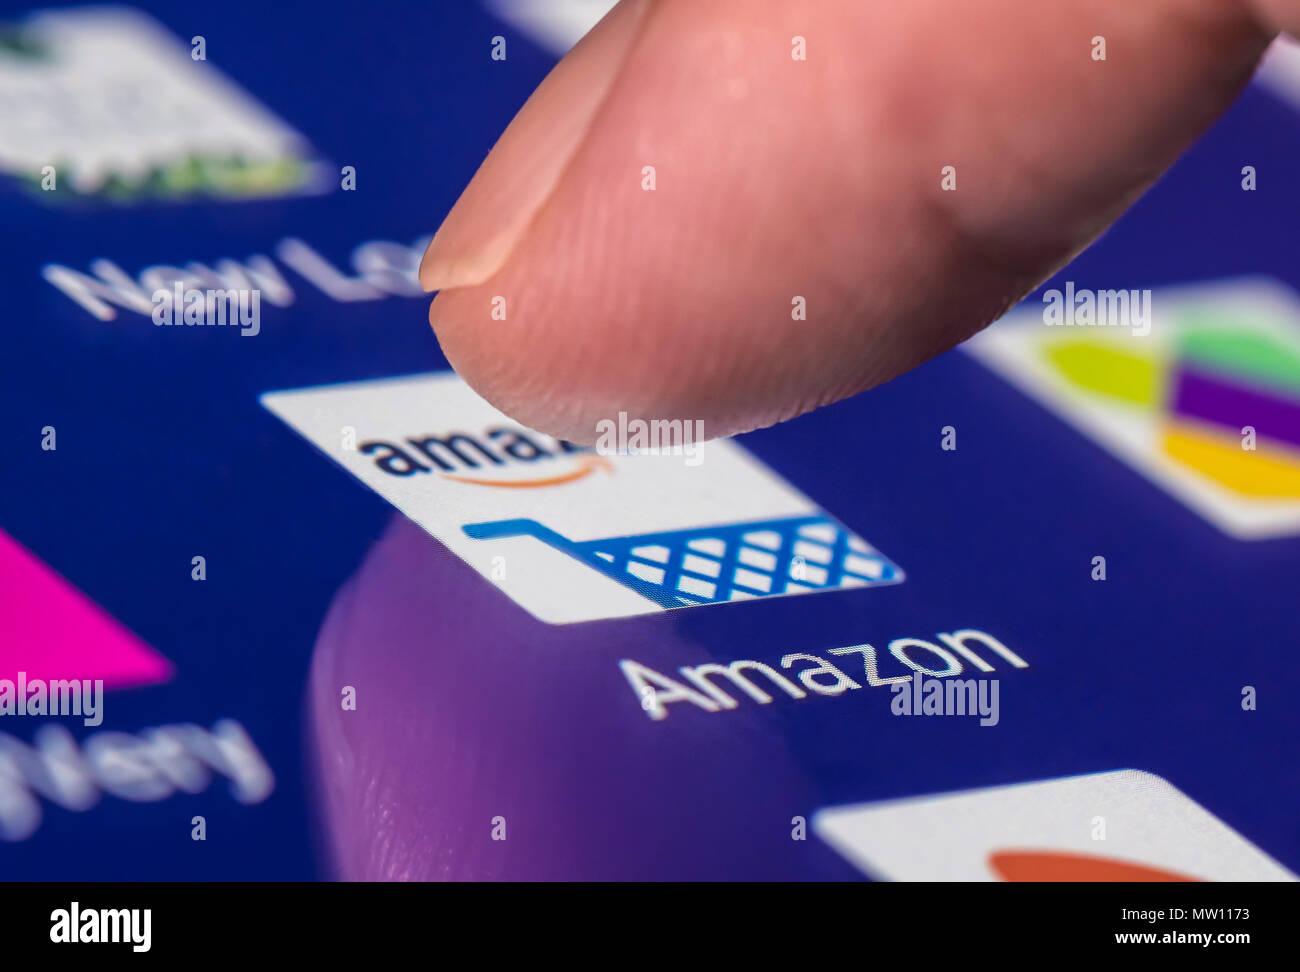 Doigt appuyant sur Amazon icône pour charger l'application sur une tablette ou smartphone écran tactile. Photo Stock